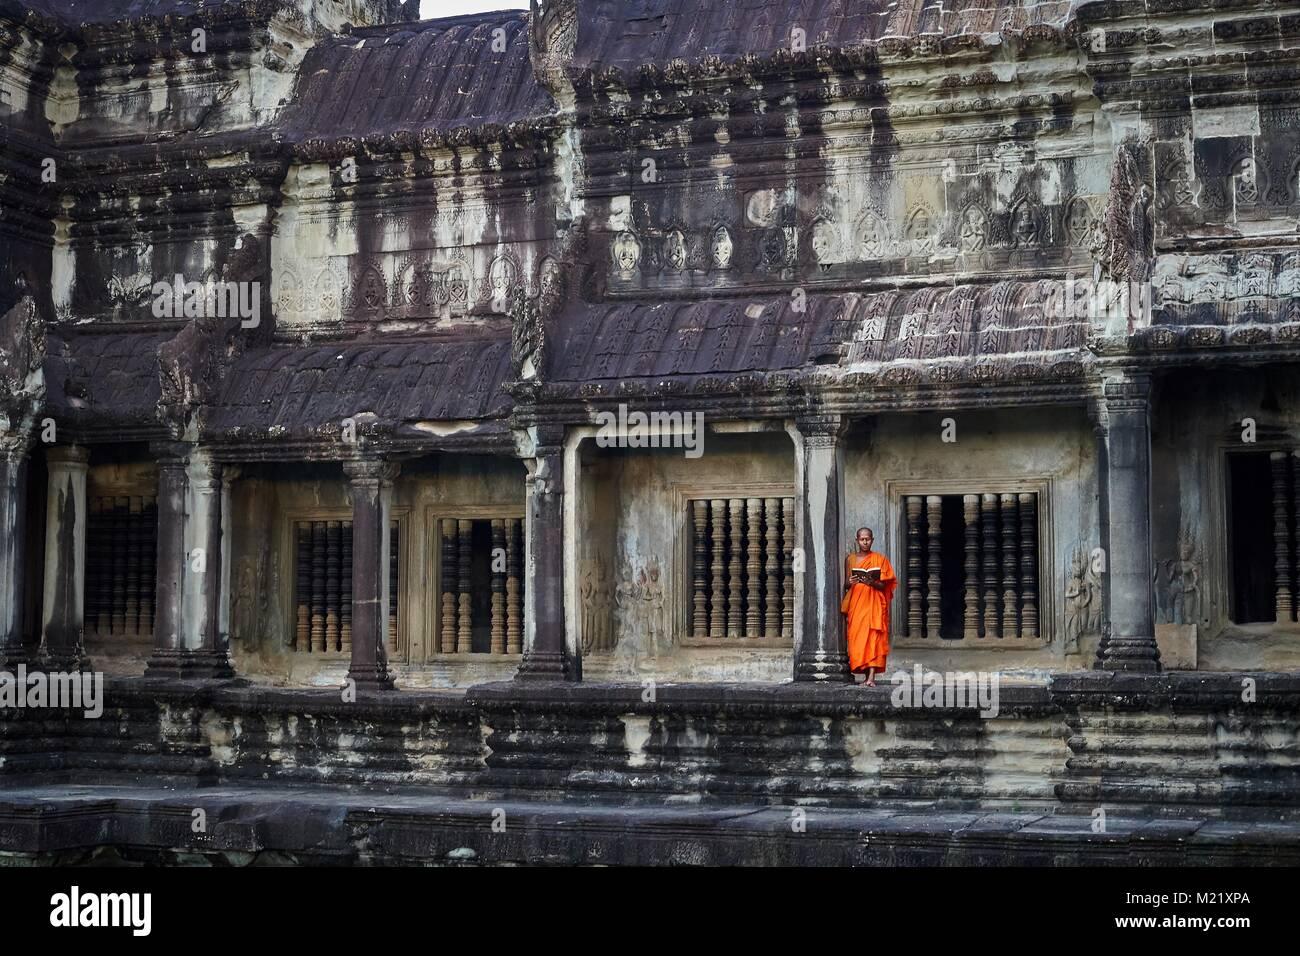 Monk looking at Angkor Wat, Angkor, Cambodia - Stock Image